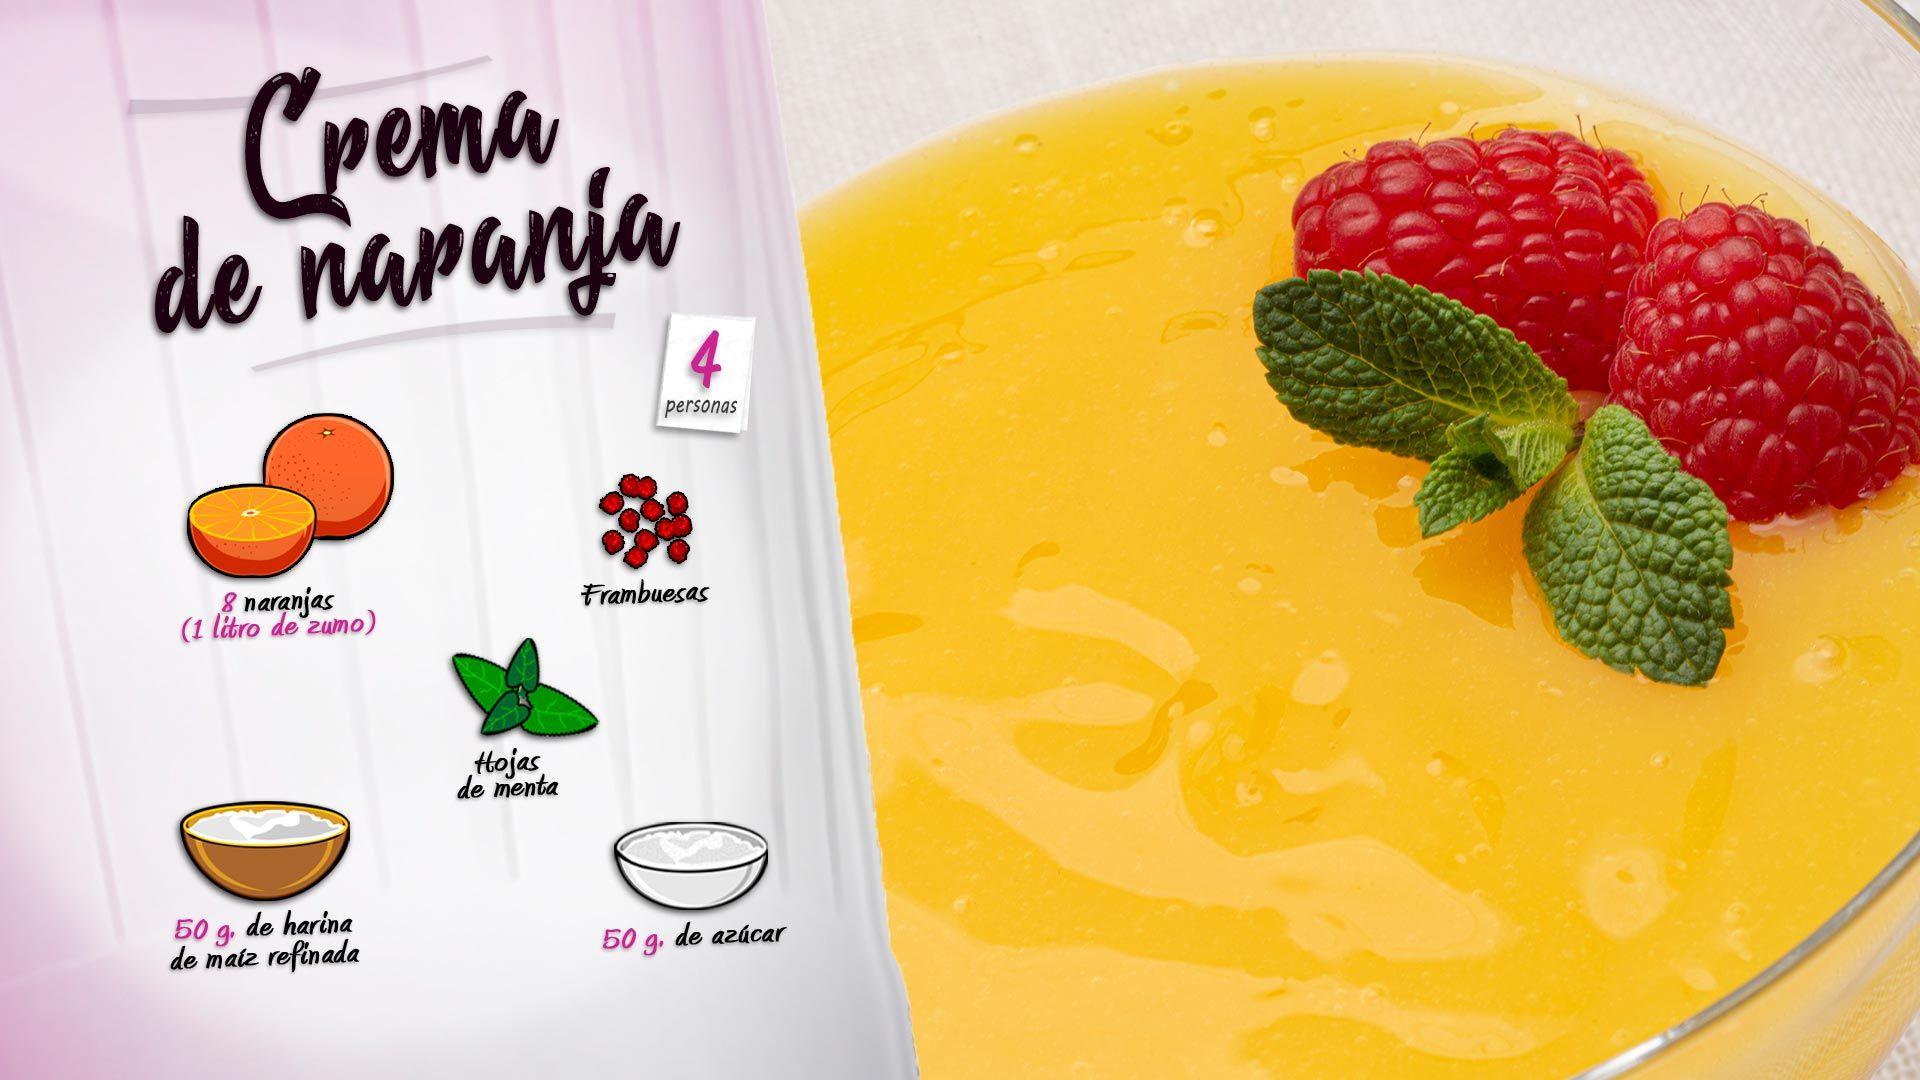 Crema o manjar de naranja